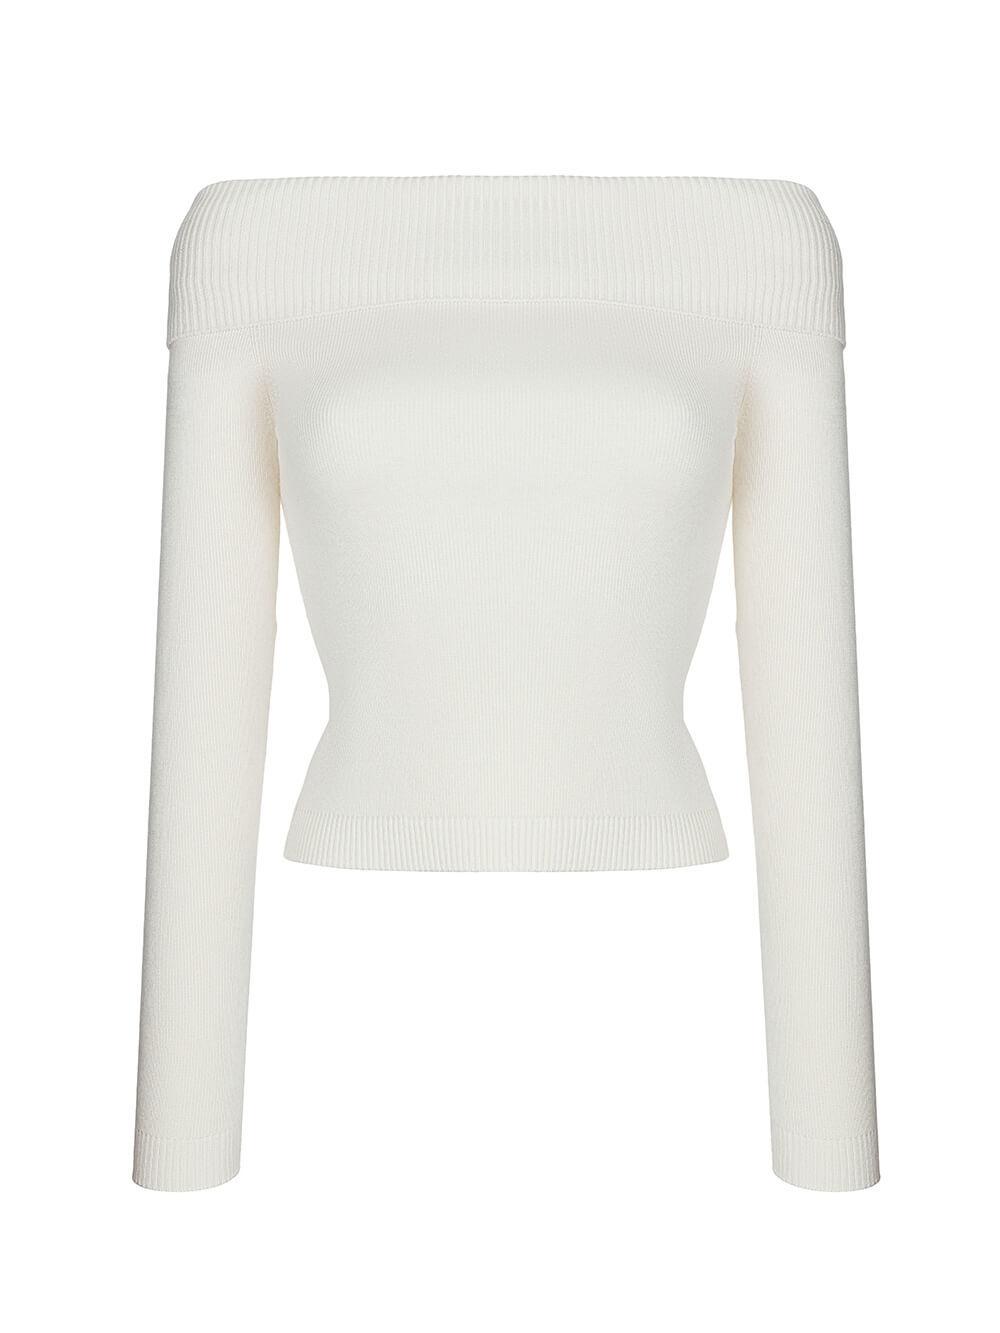 Женский джемпер молочного цвета из шелка и кашемира - фото 1